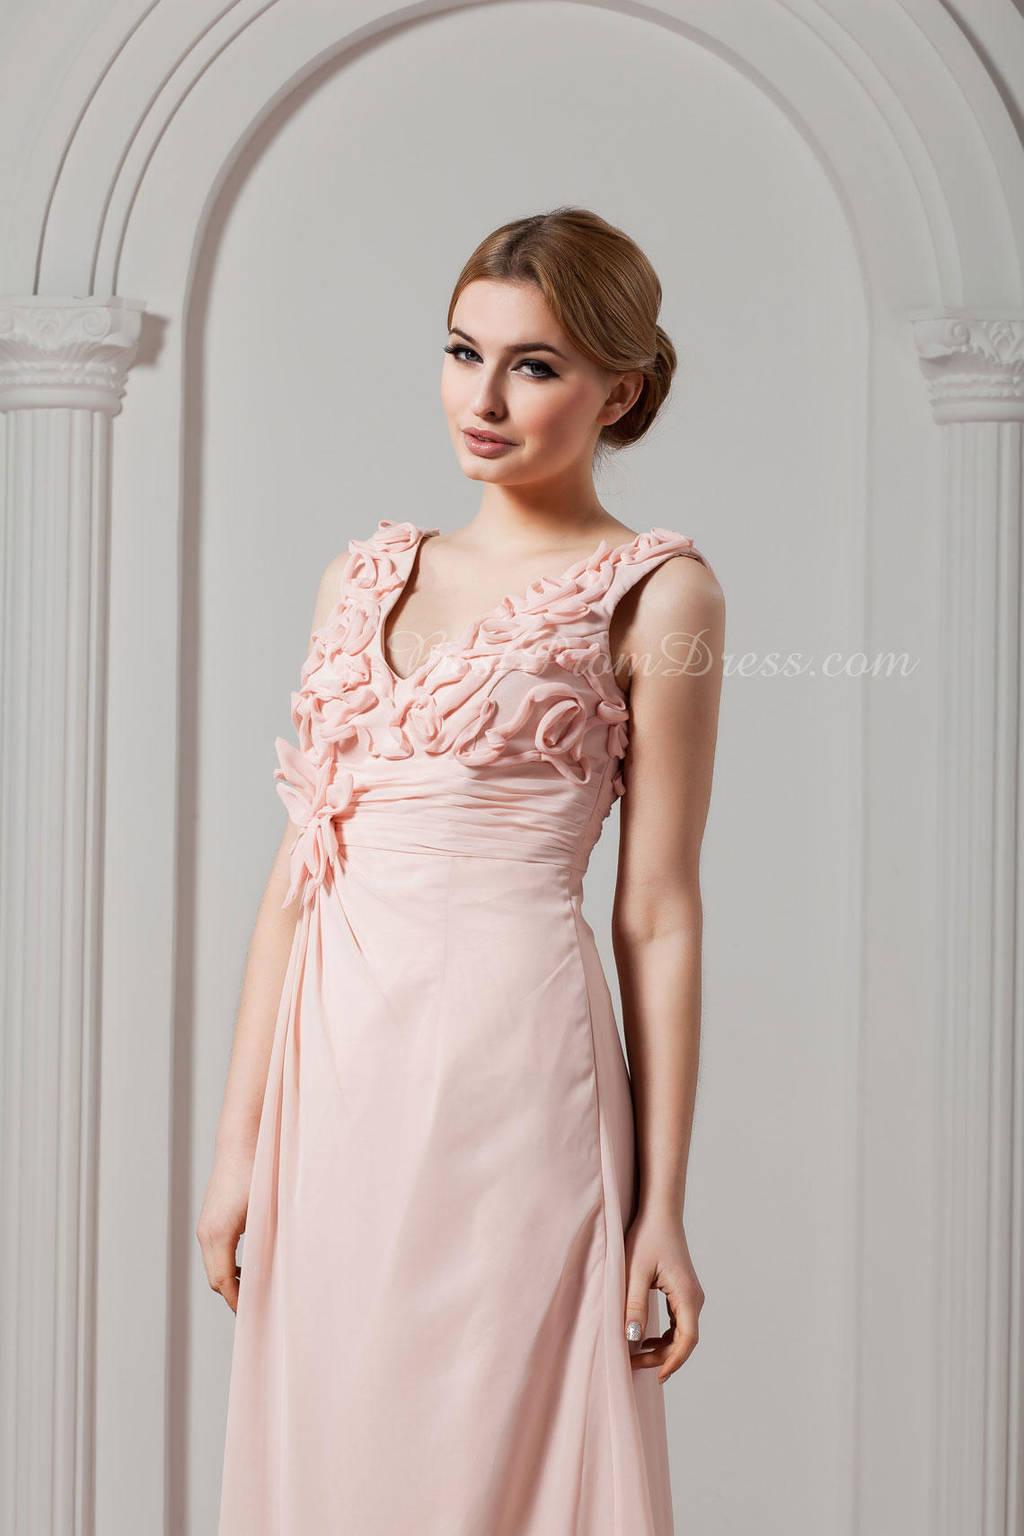 pink prom dress by nancyloveslife